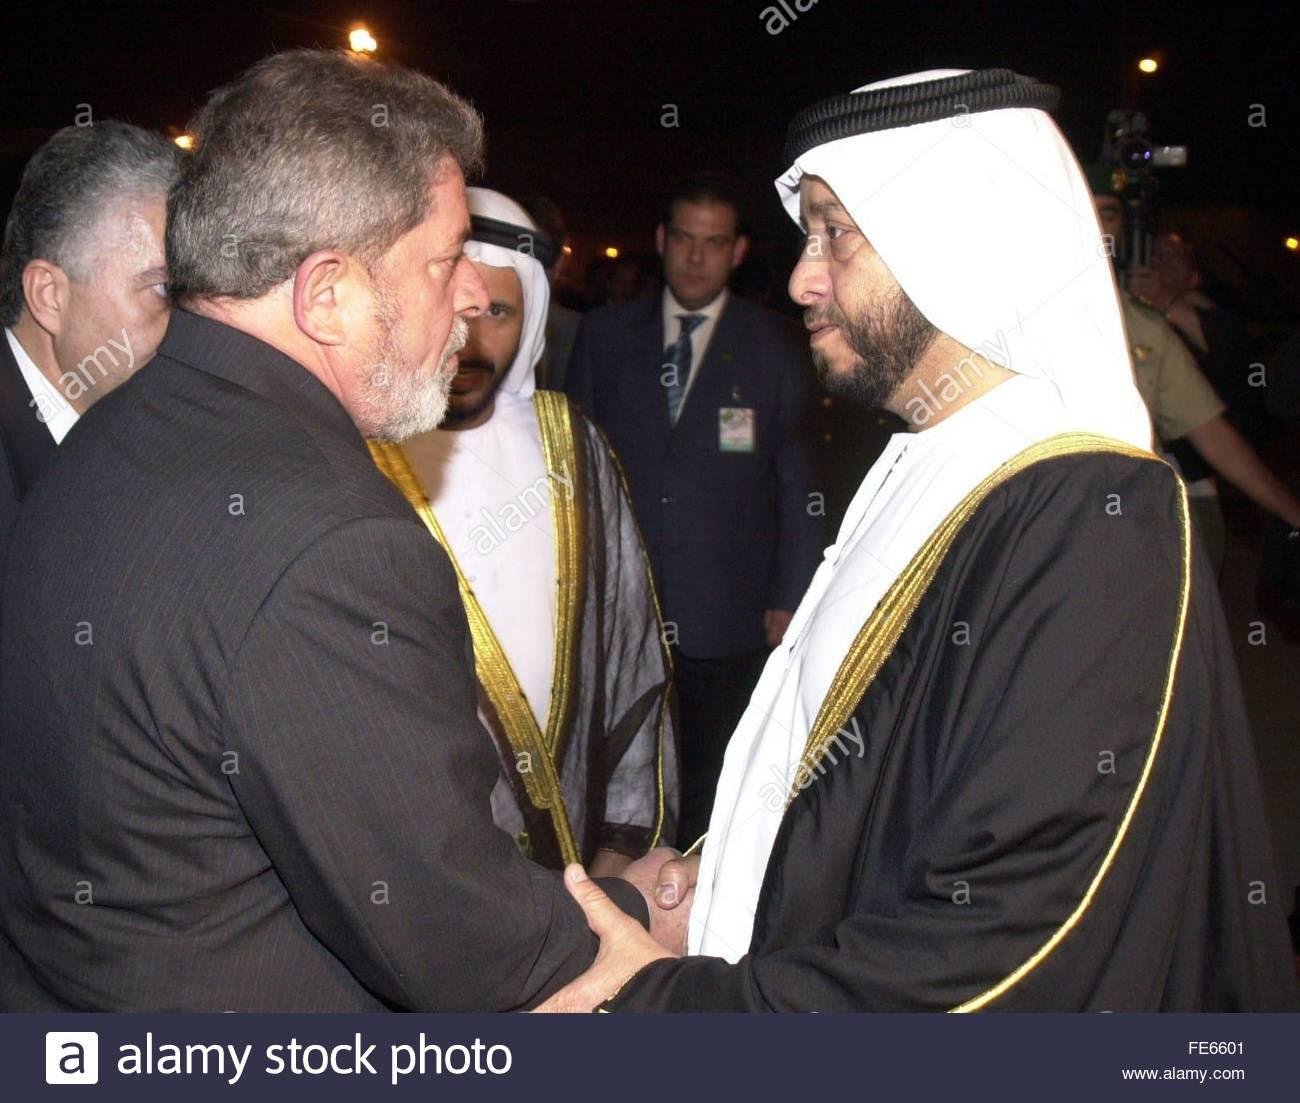 Os Emirados Árabes Unidos vice-primeiro-ministro Sheikh Sultan bin Zayed Al Nahyan (R) recebe o presidente brasileiro Stock Photo